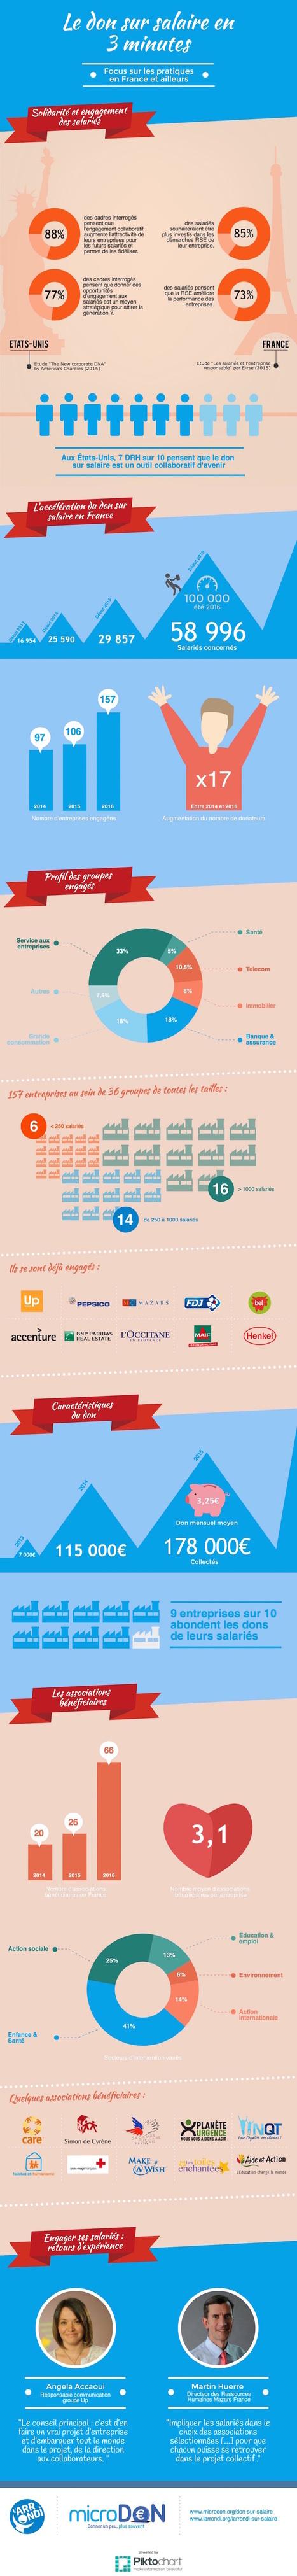 Le don sur salaire en France : état des lieux [Infographie] | Mixité, égalité des chances, management responsable, tendances digitales dans les entreprises + engagement citoyen | Scoop.it